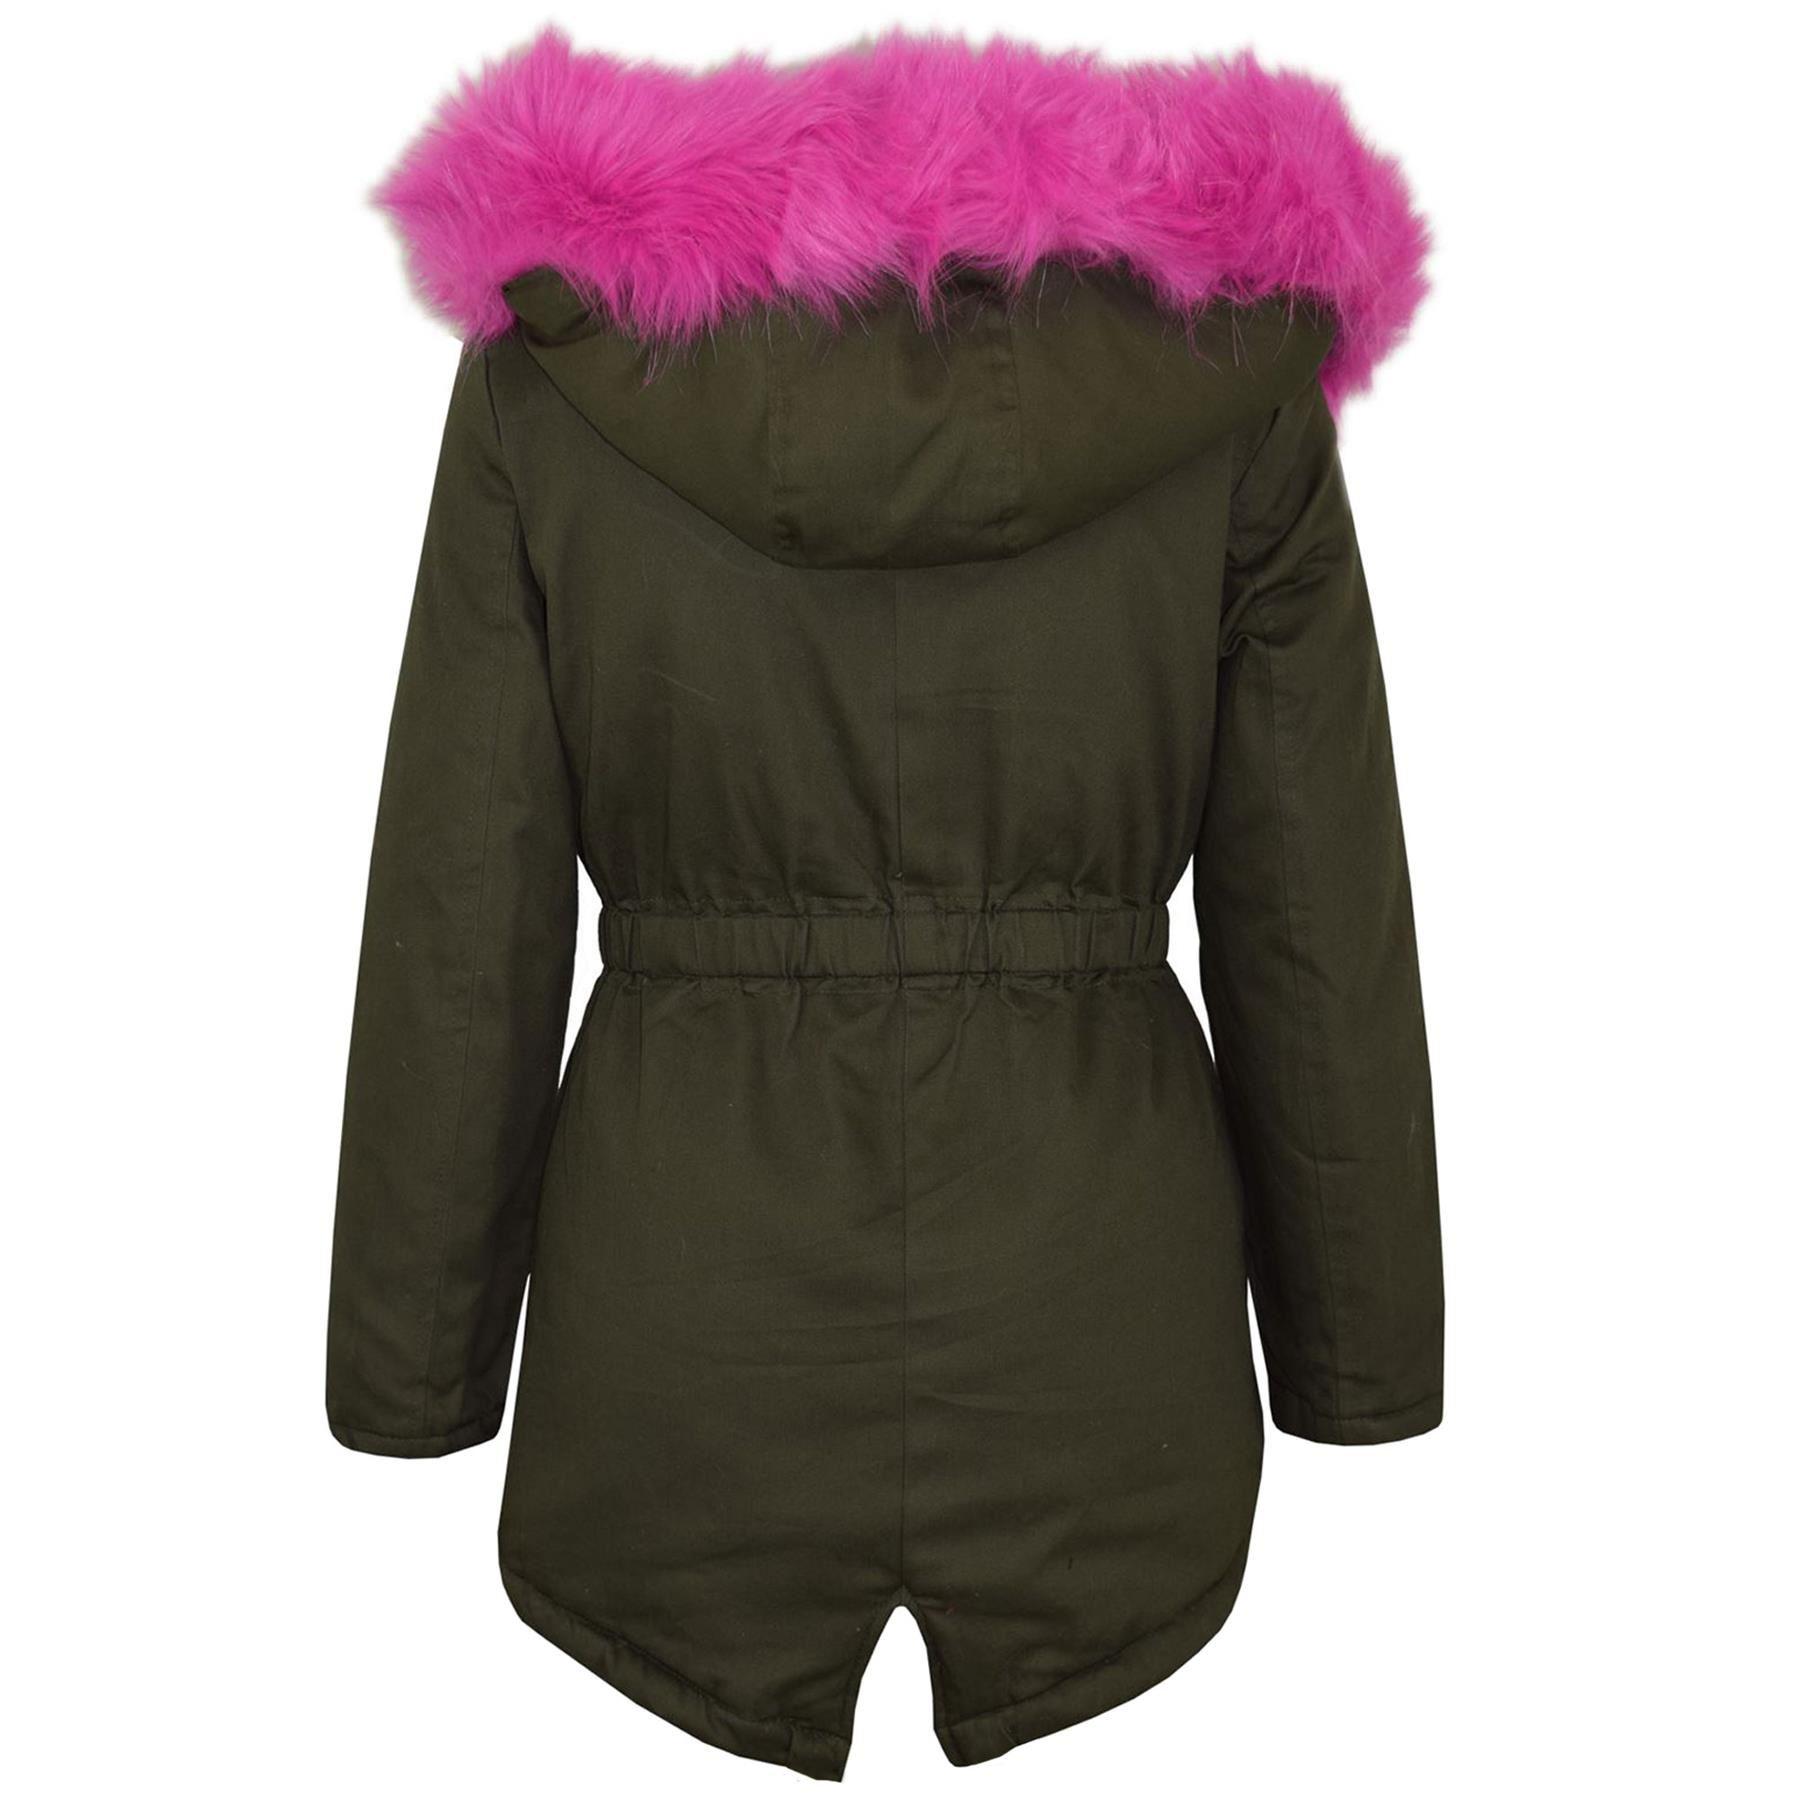 Kinder Jacke mit Kapuze Mädchen Regenbogen Pelz Parka Schule Outwear Mantel 5-13